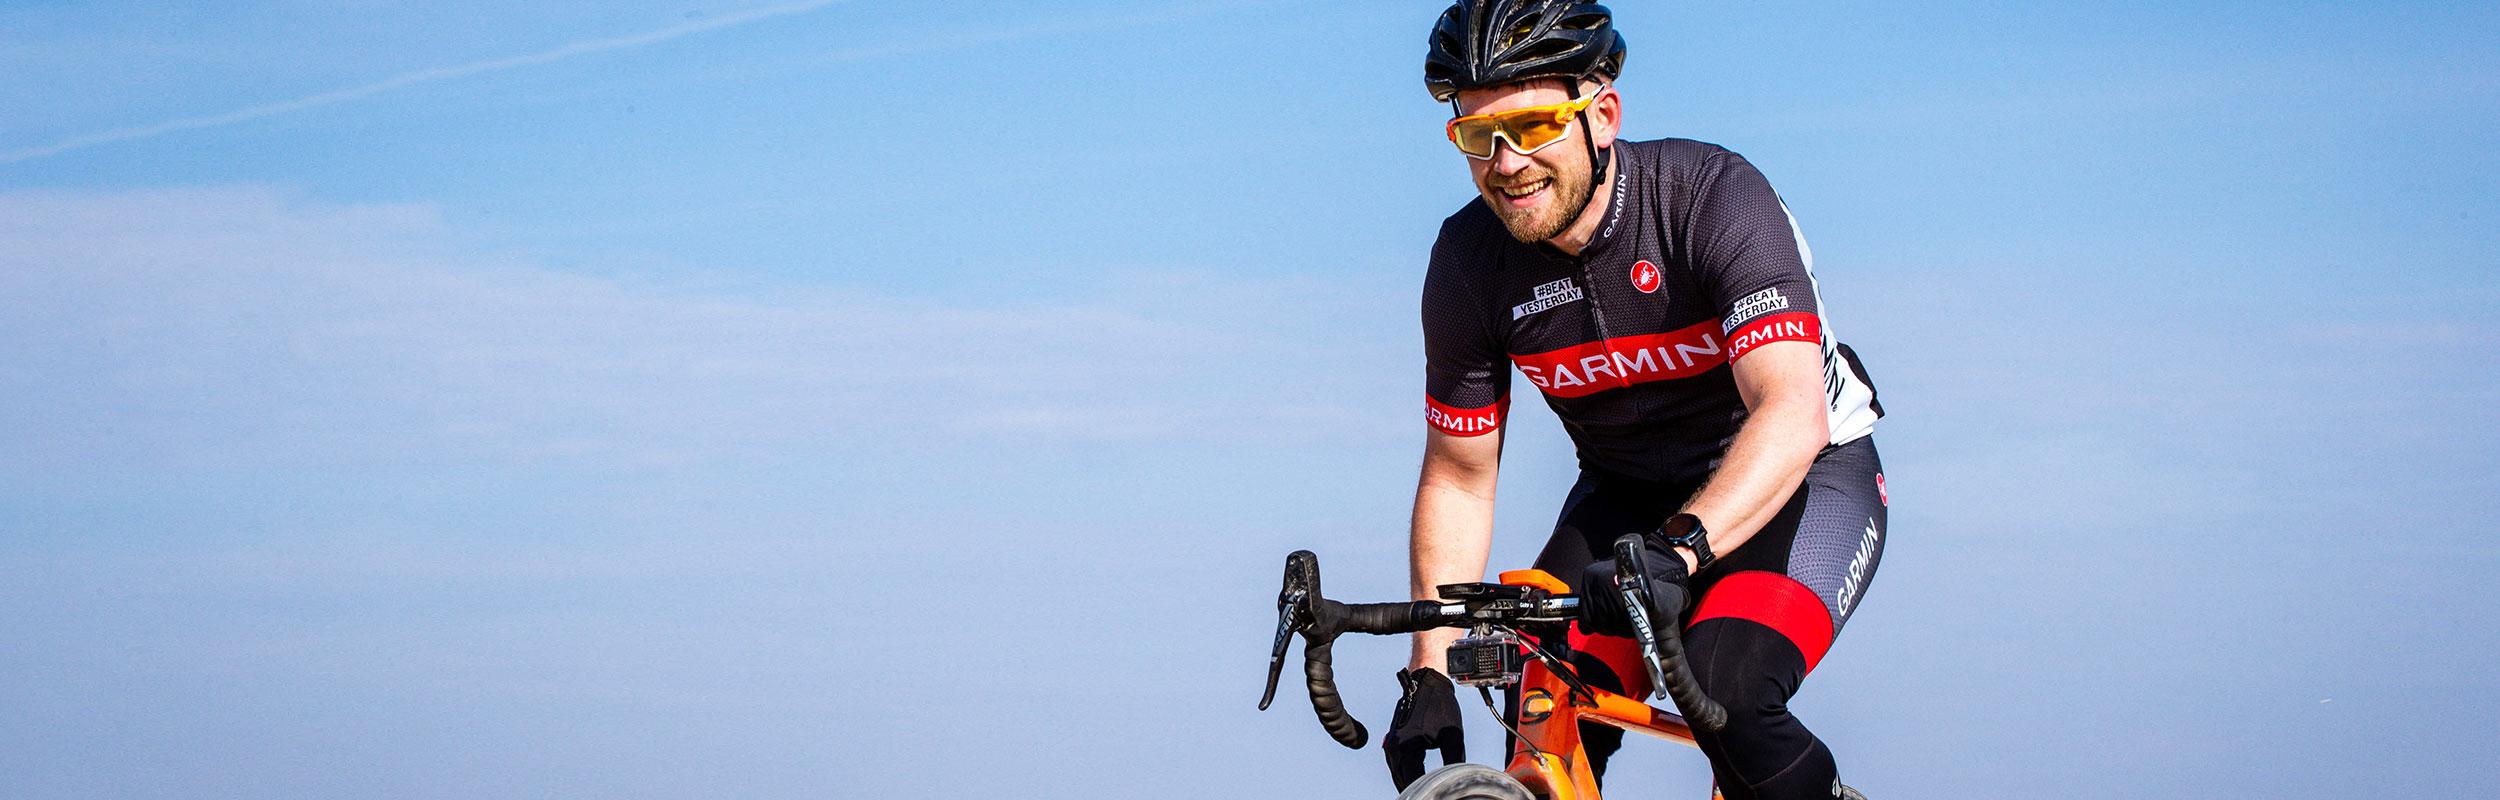 Garmin associate riding a bike